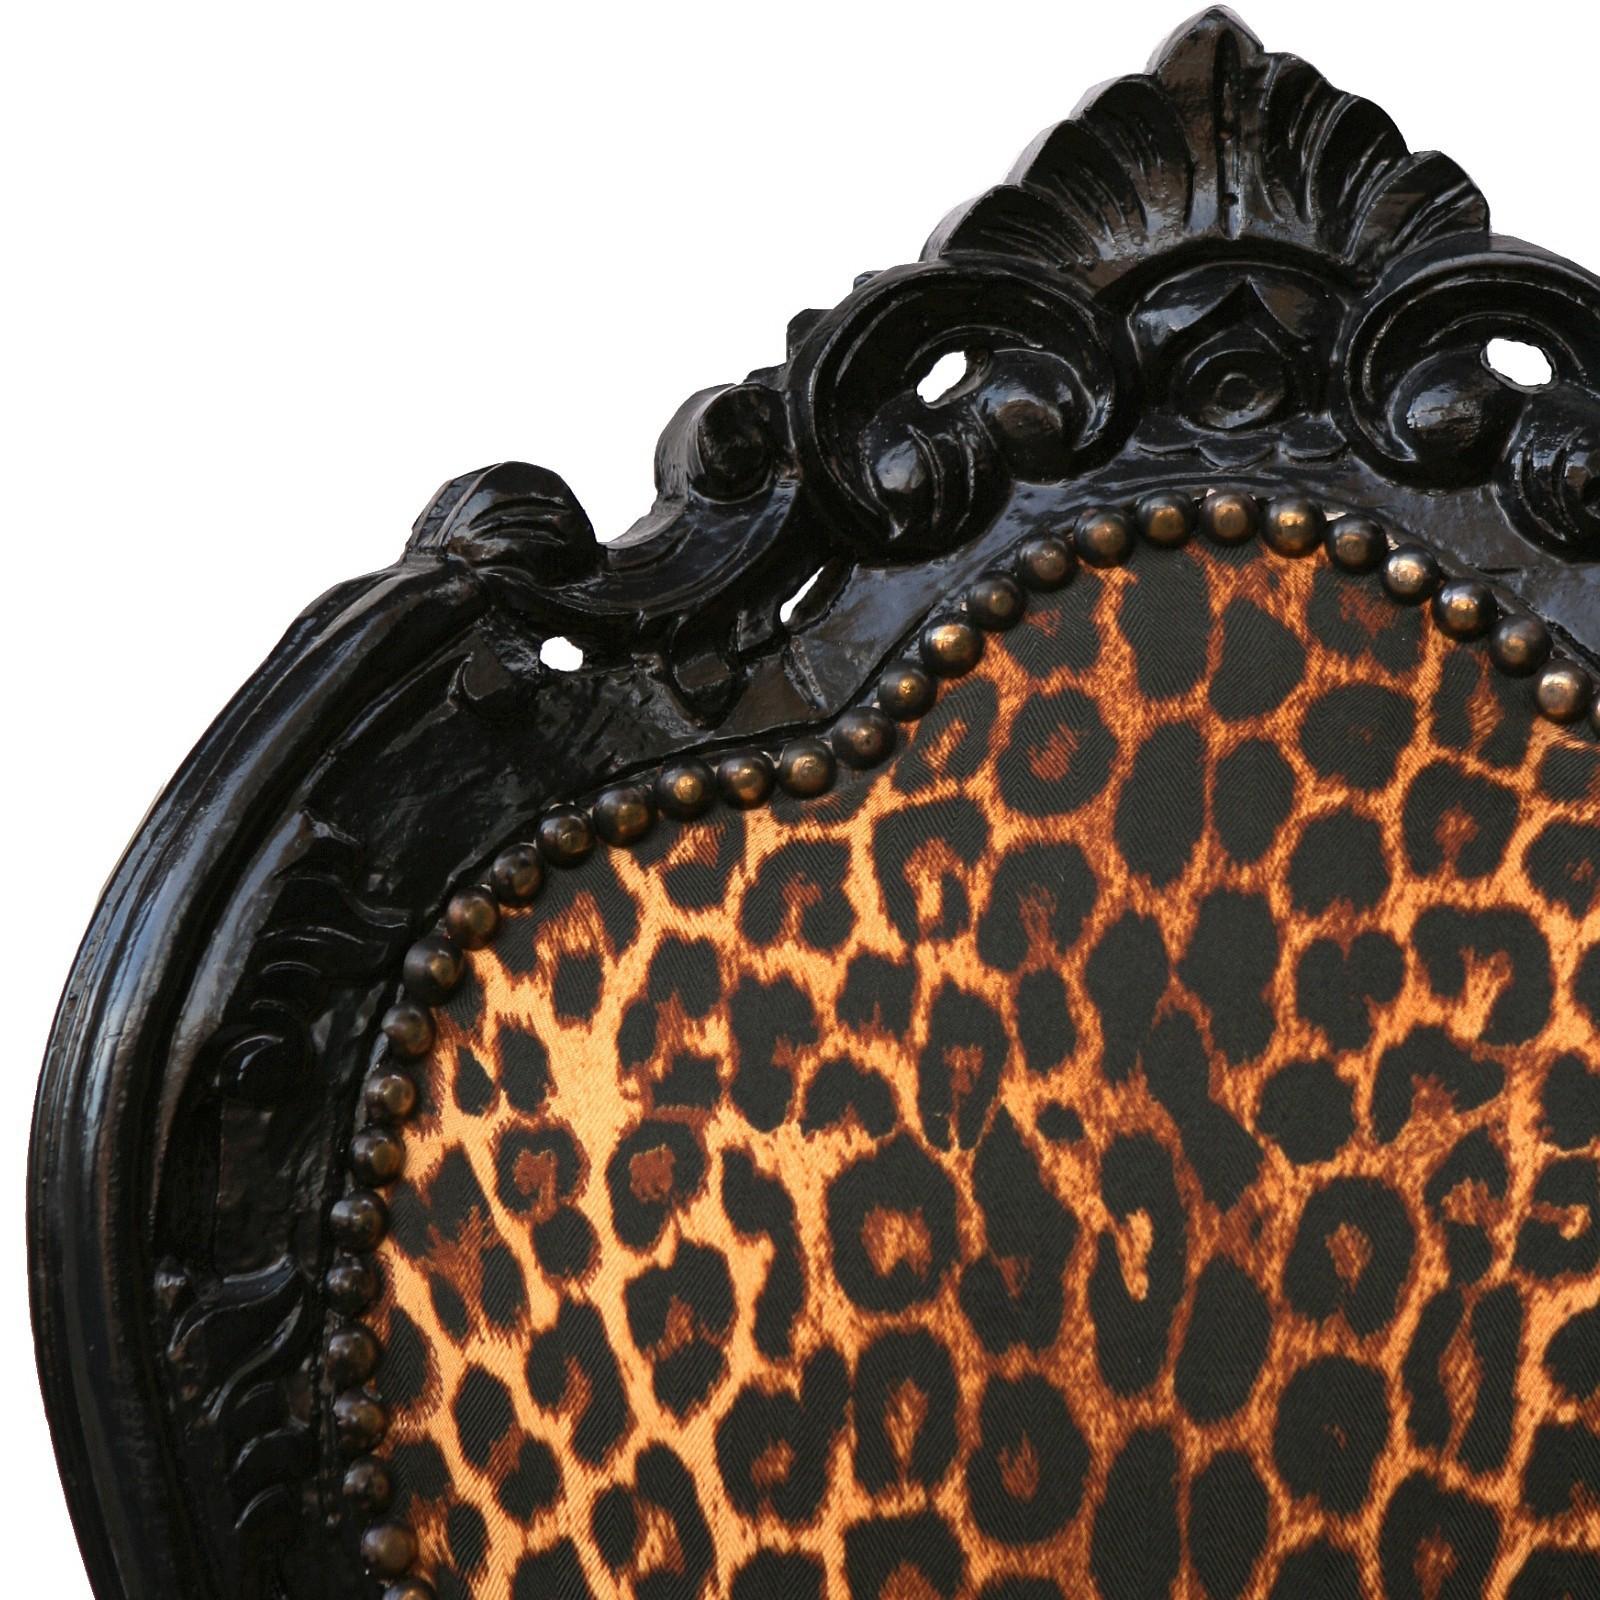 st hle schwarz leopard muster barock design 4er set st hle antike exotik. Black Bedroom Furniture Sets. Home Design Ideas